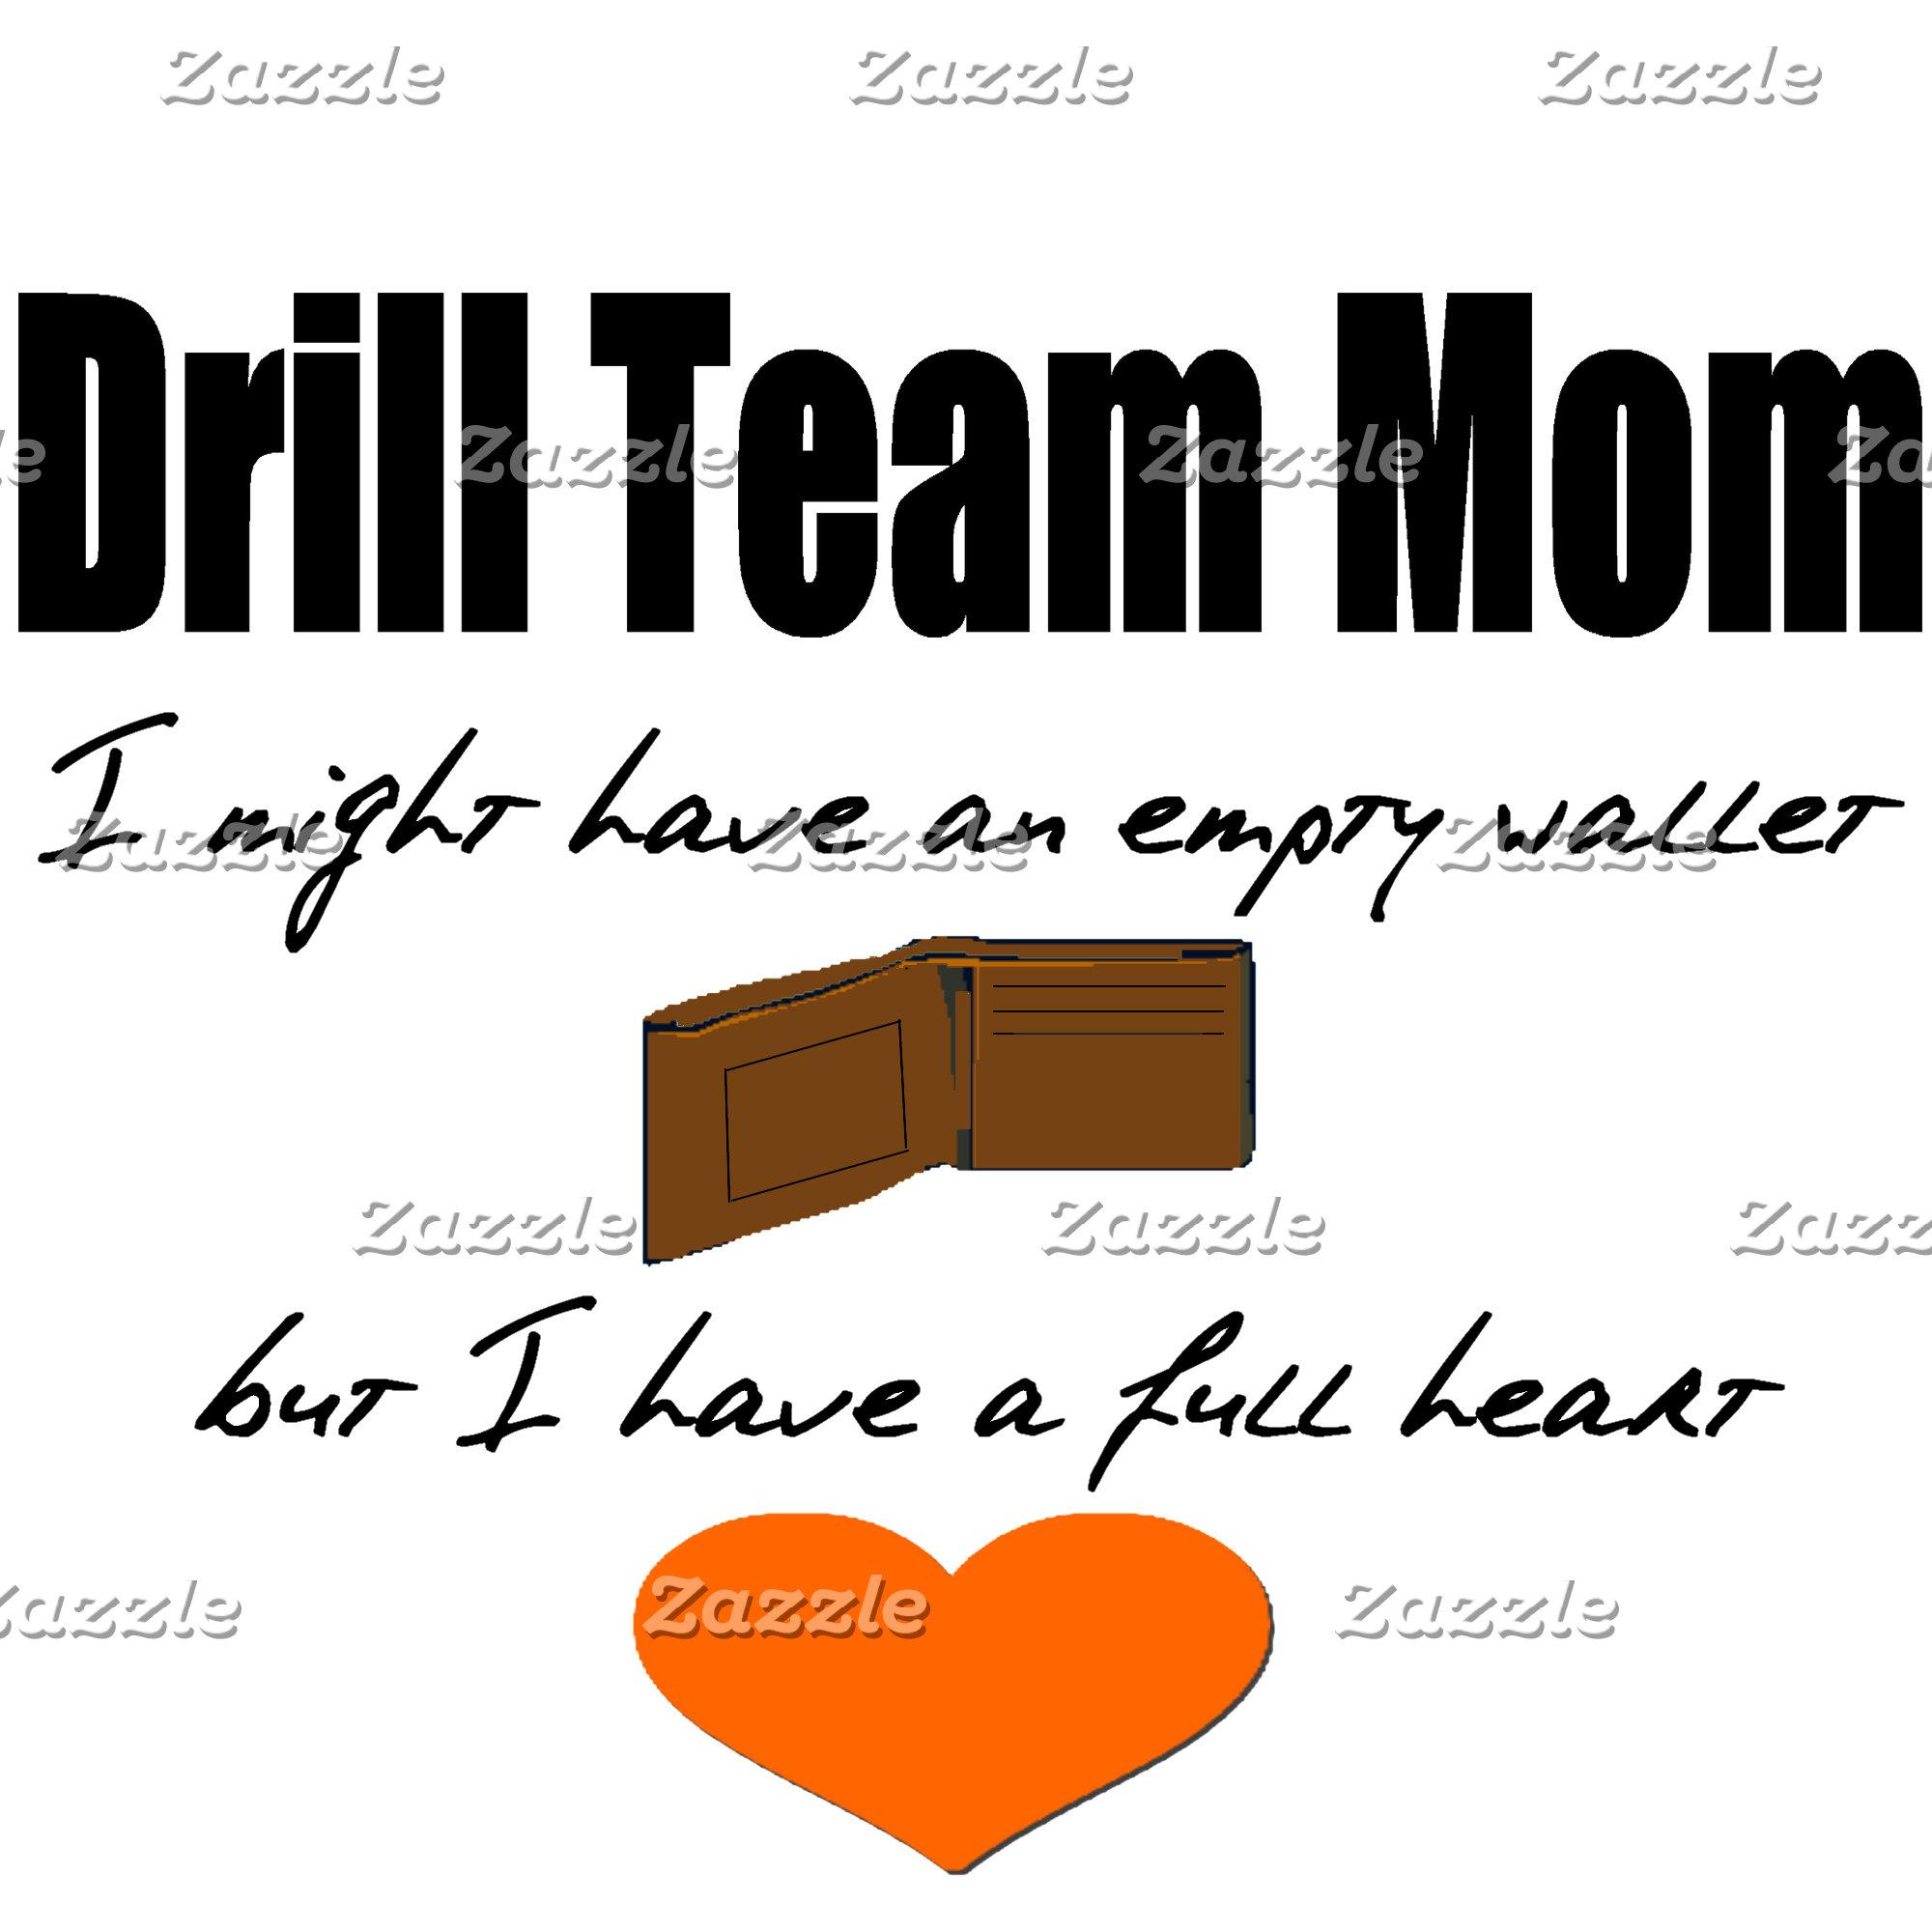 Drill Team Mom - Empty Wallet, Full Heart